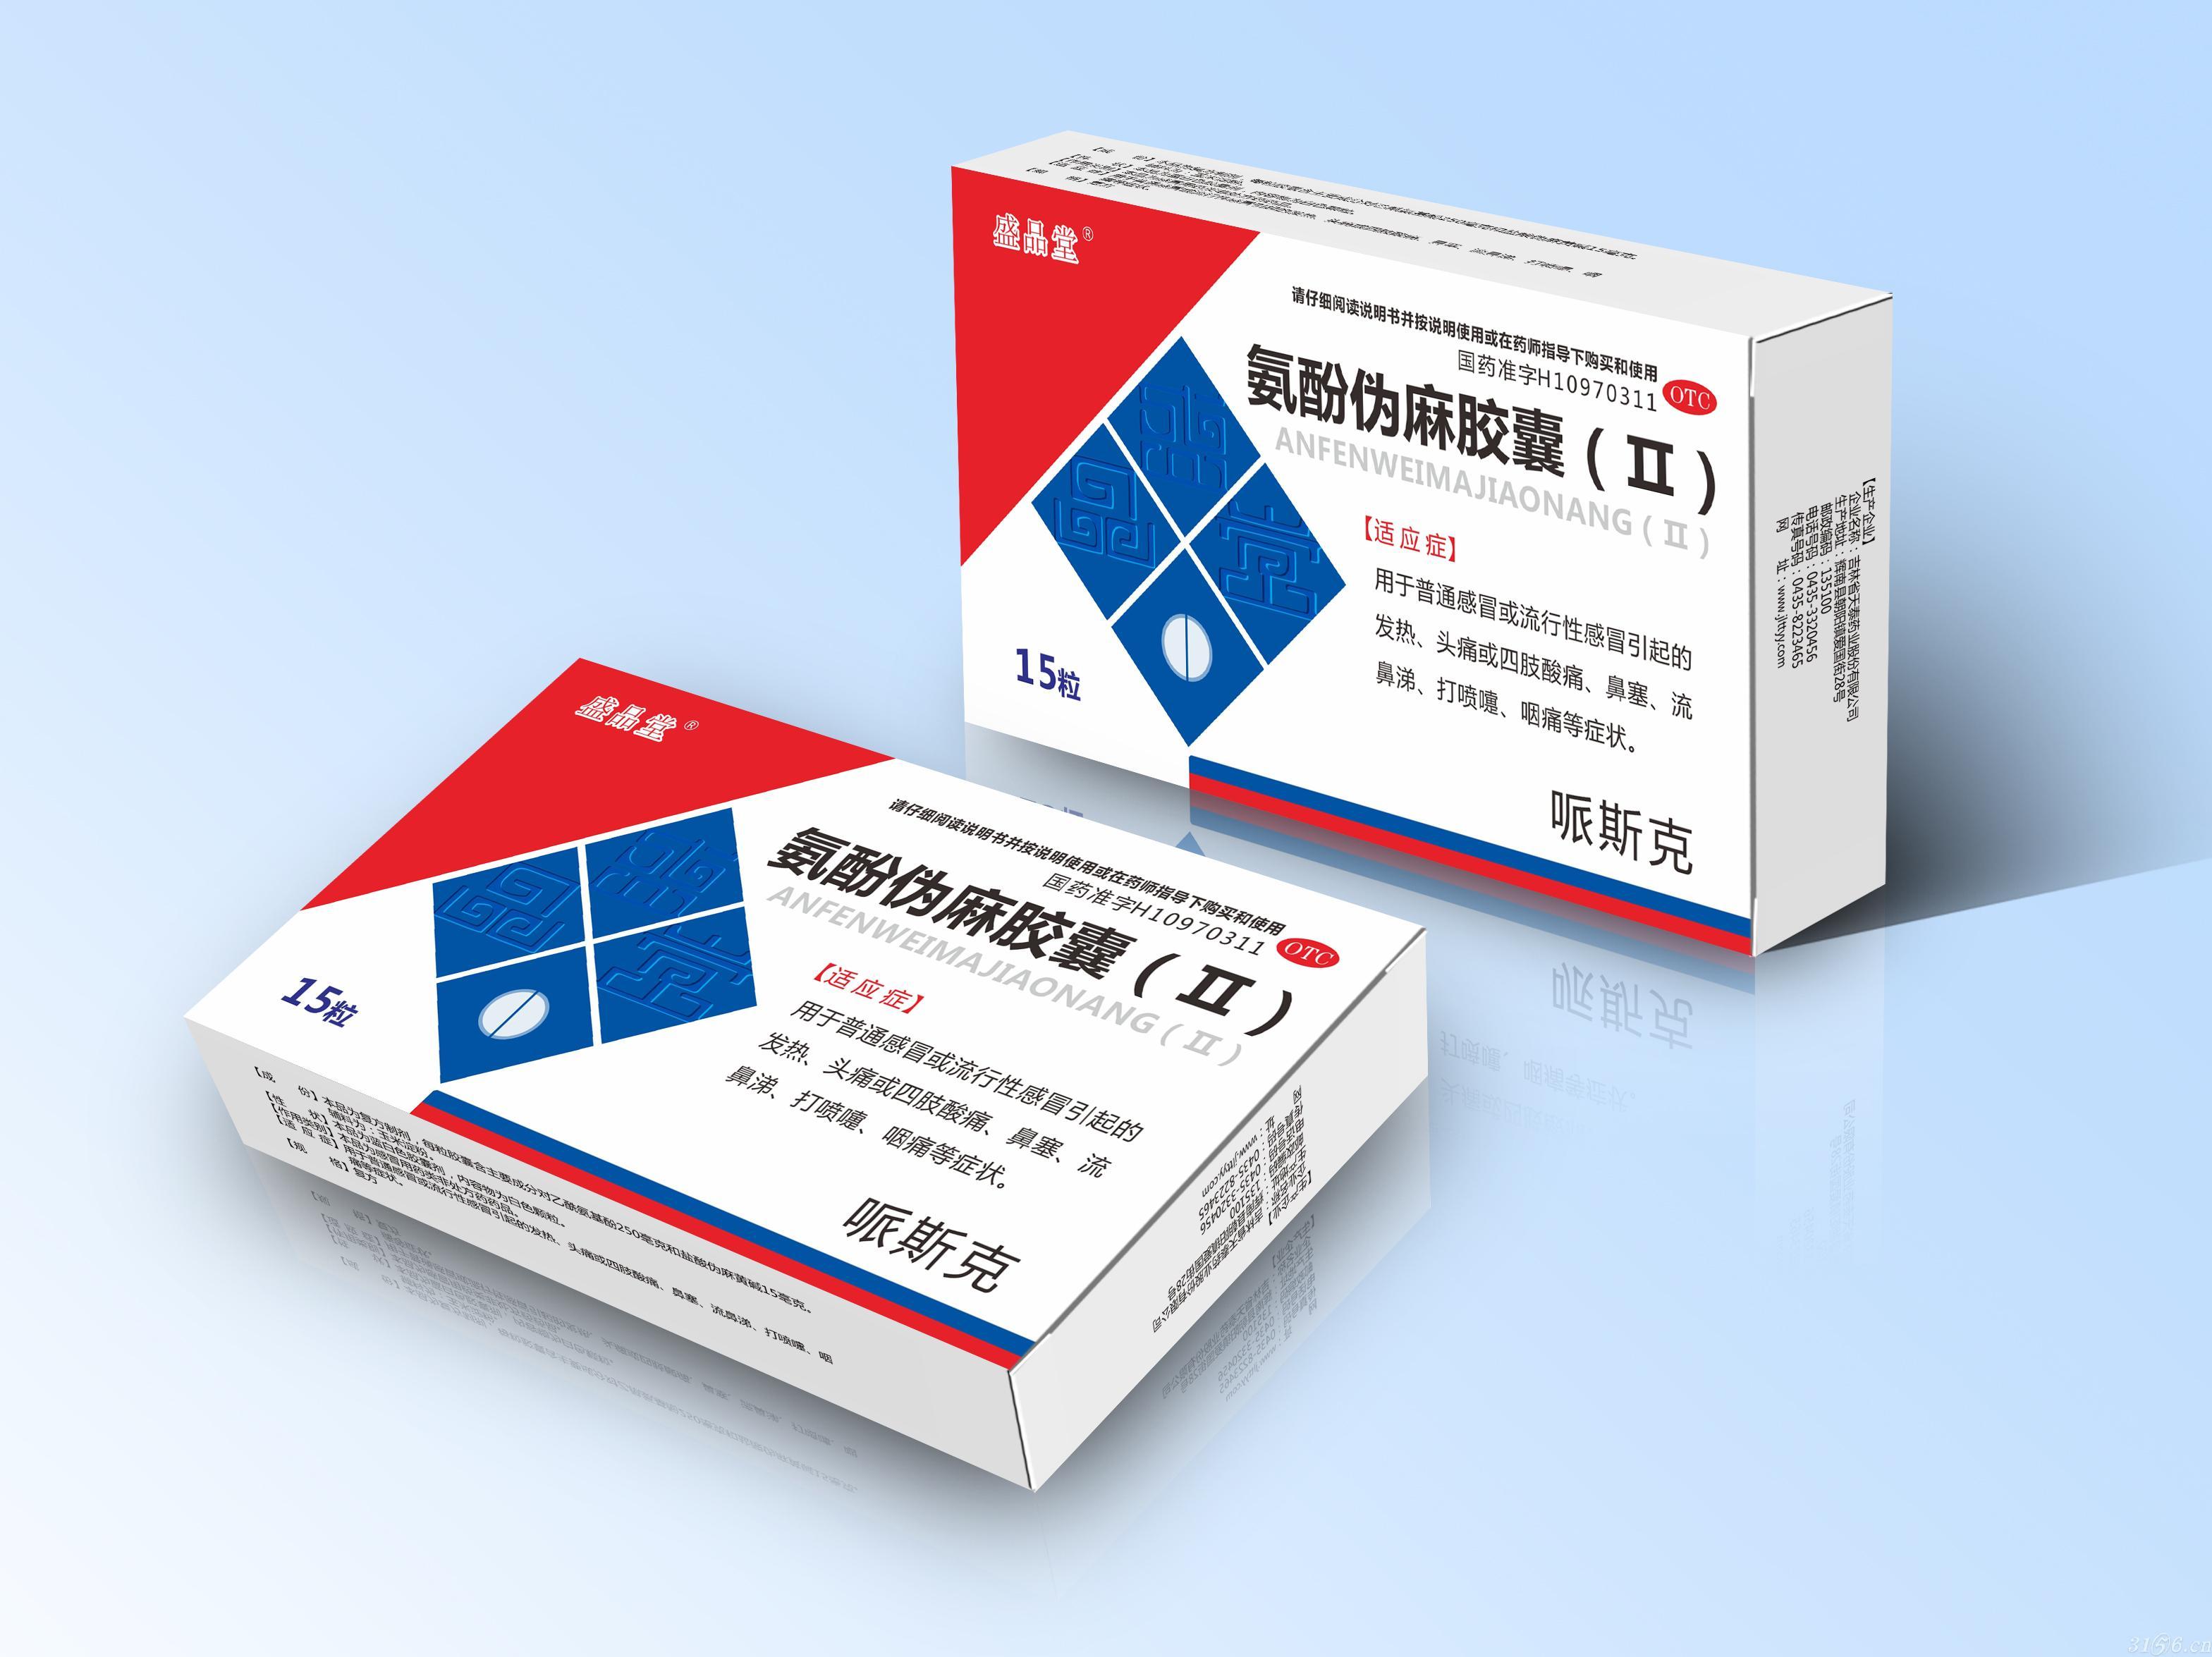 氨酚伪麻胶囊(Ⅱ)招商